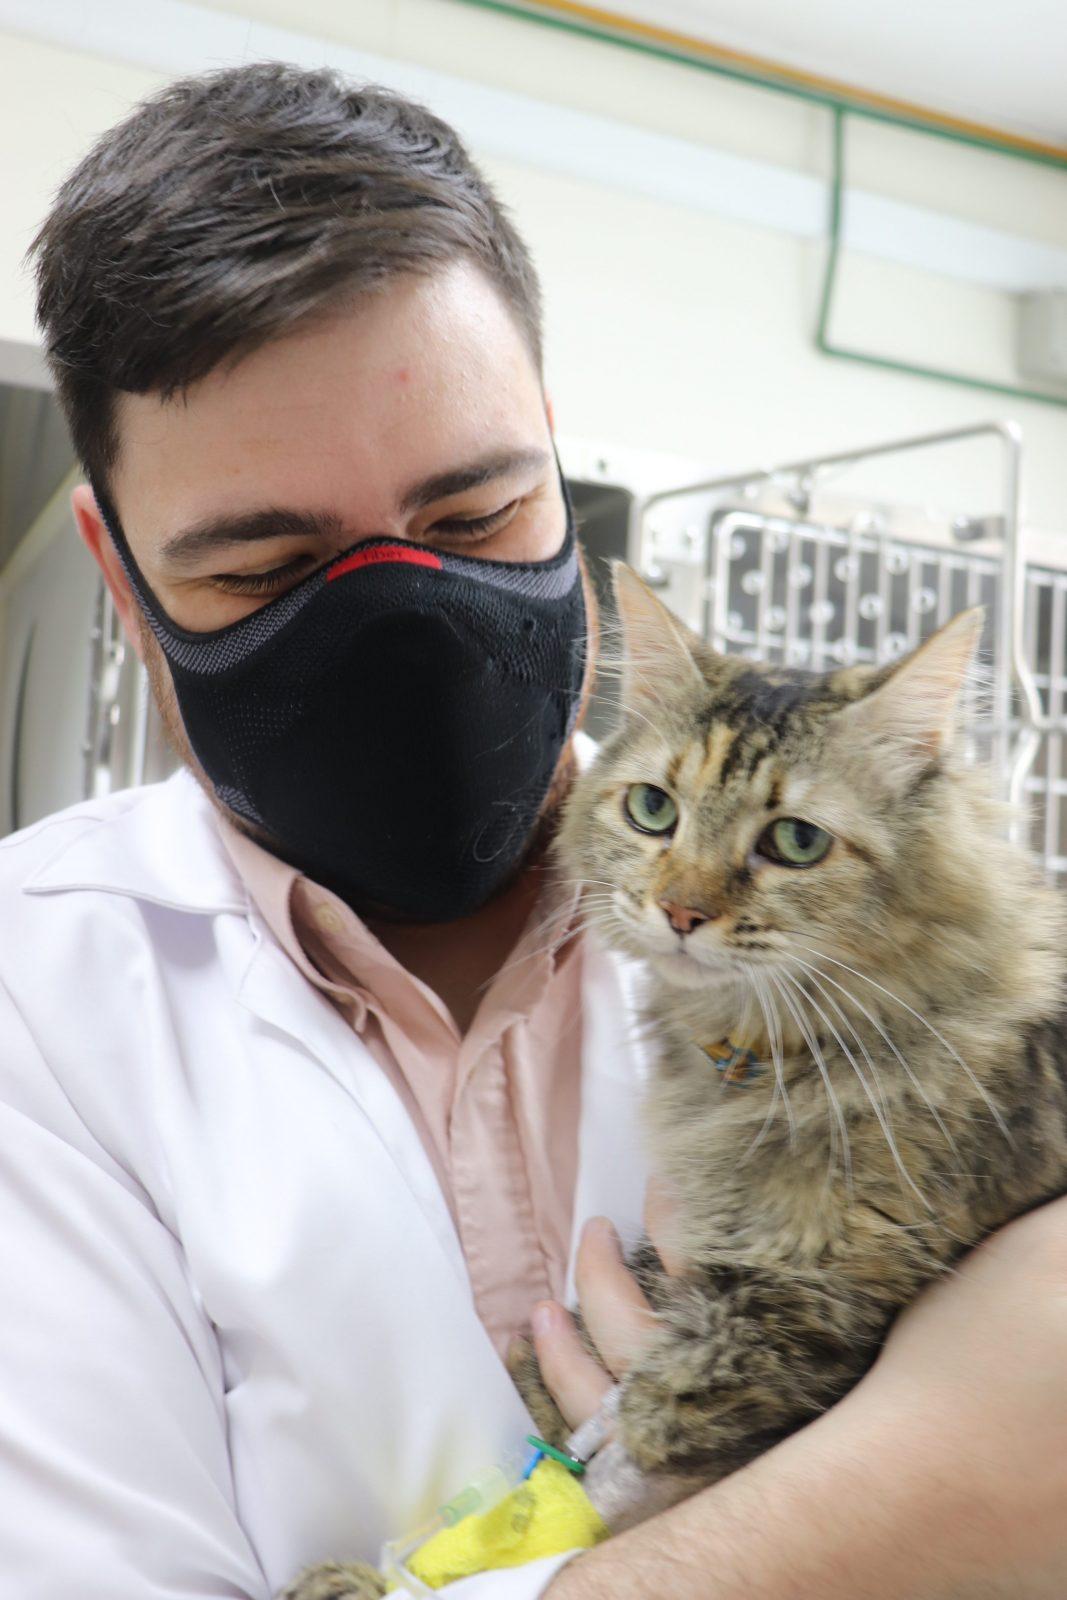 medicamento gato e1616621000670 - Aplicar Medicamentos e Soro na Veia: Quais os Riscos e Cuidados?